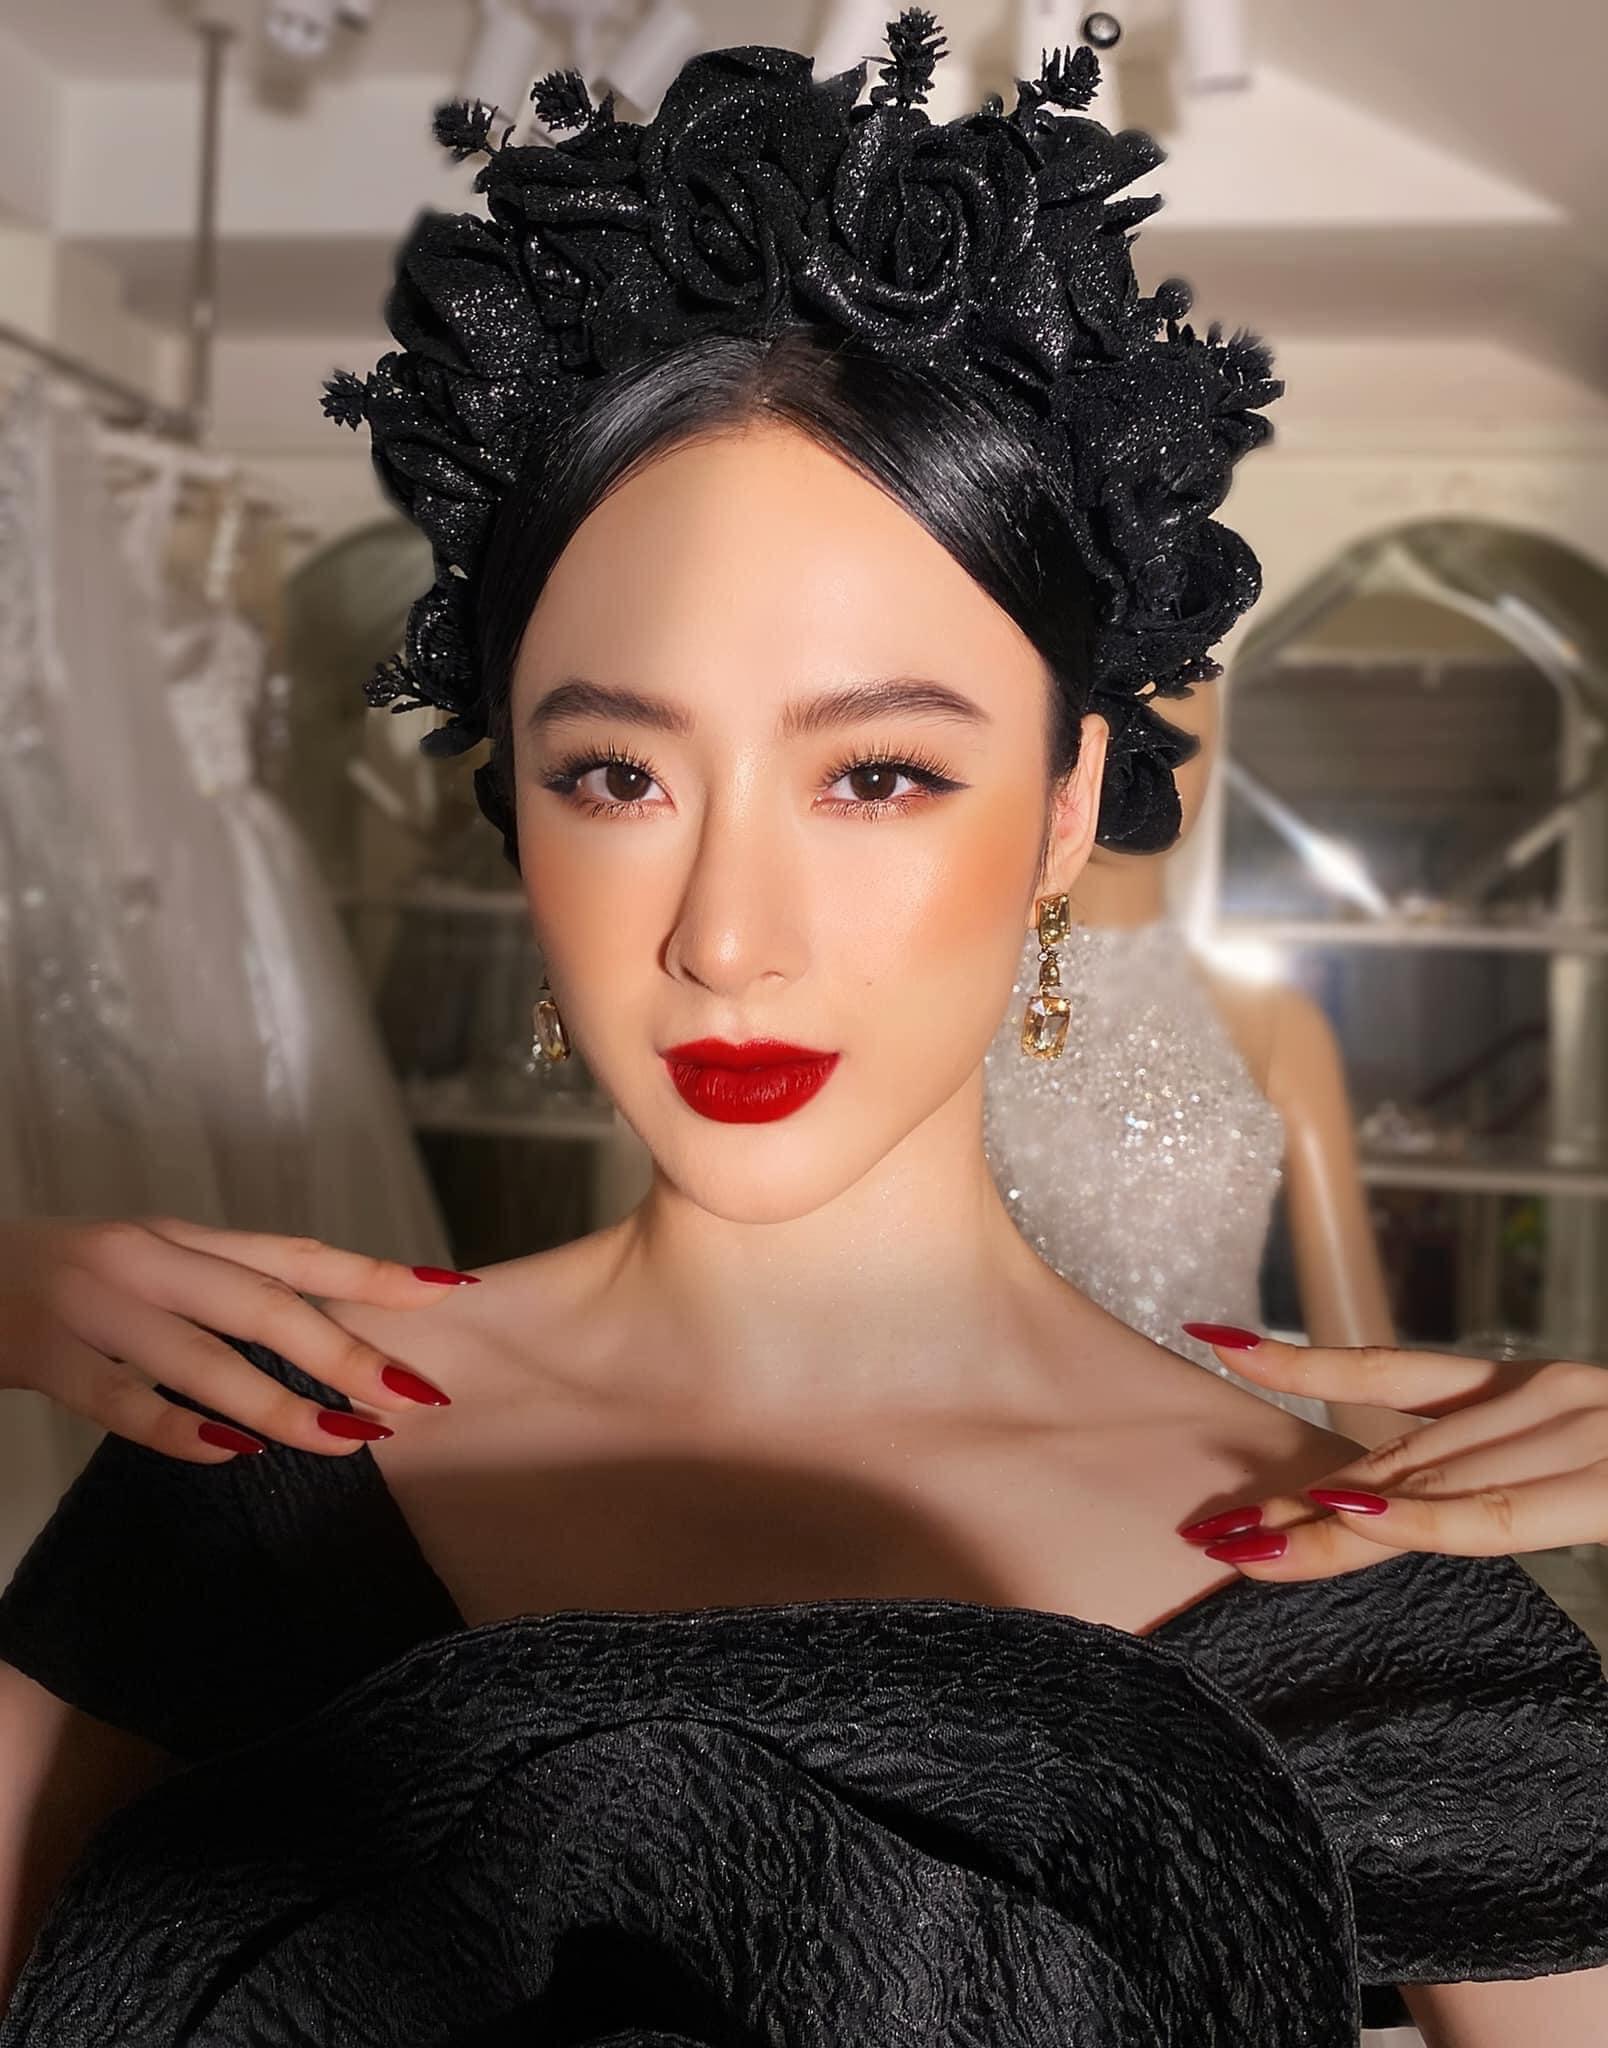 """Đến ảnh chụp vội, Angela Phương Trinh cũng vẫn toát lên thần thái của một """"nữ hoàng thảm đỏ"""" - Ảnh 2."""